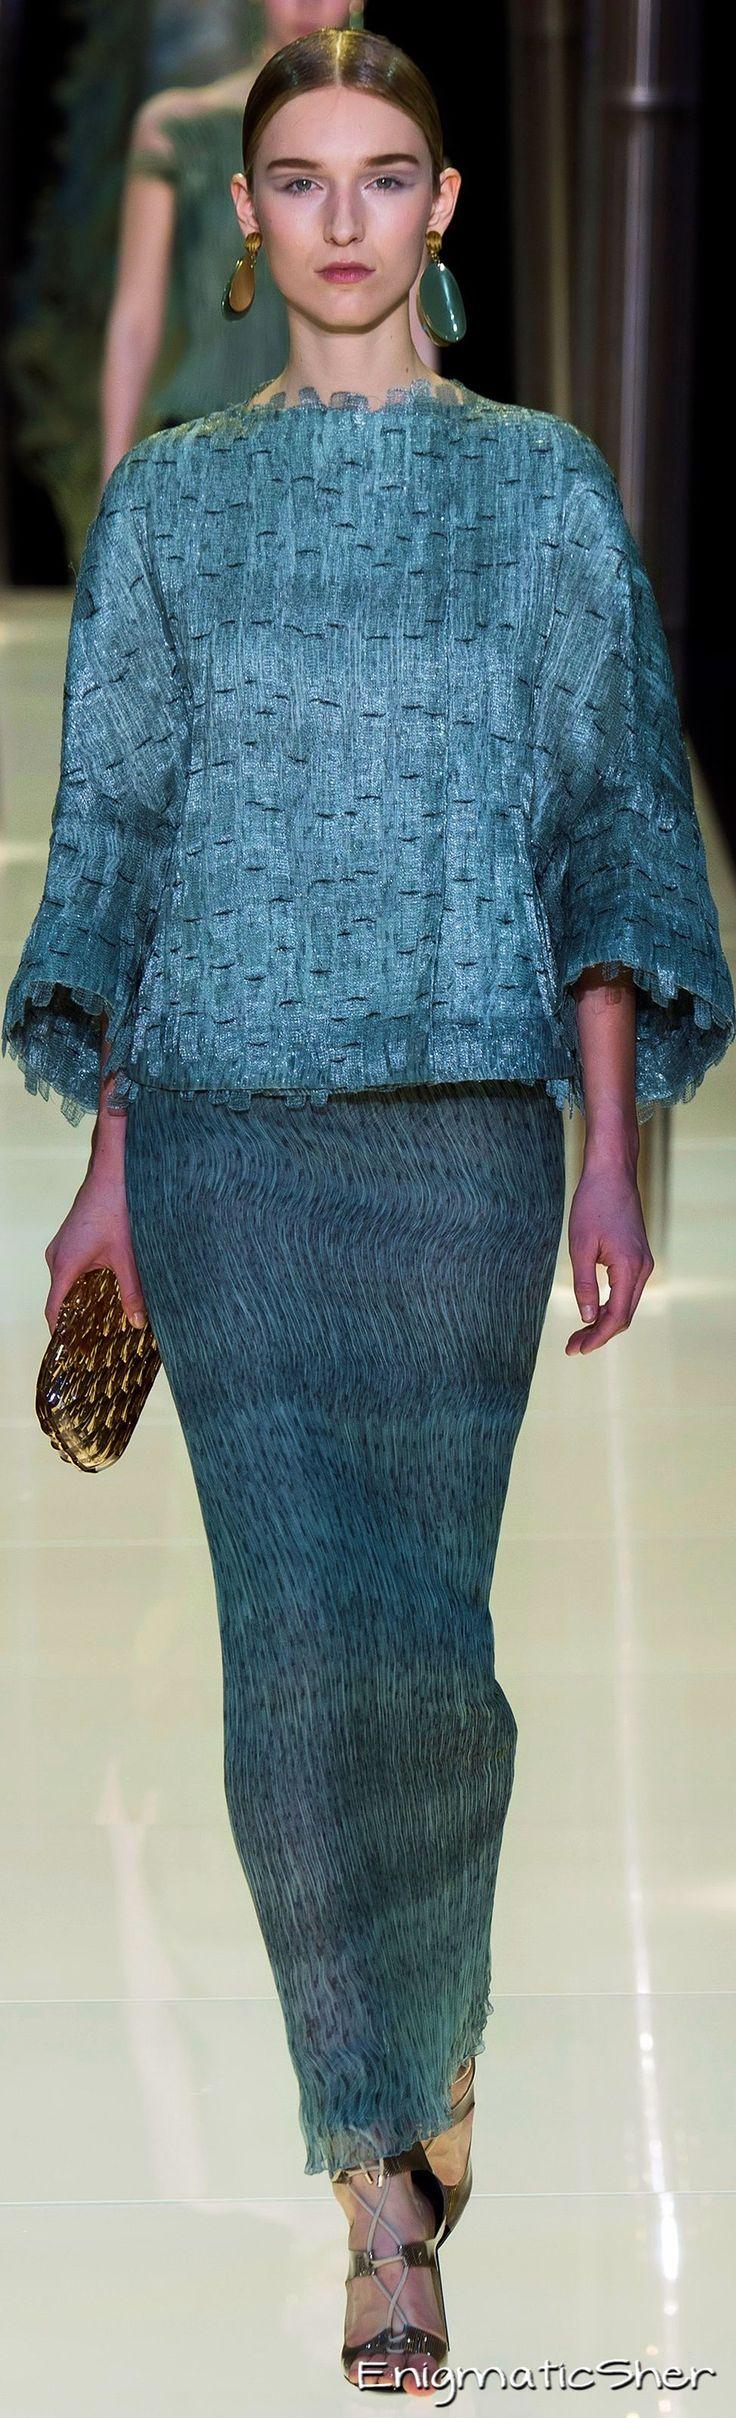 giorgio armani priv haute couture spring summer